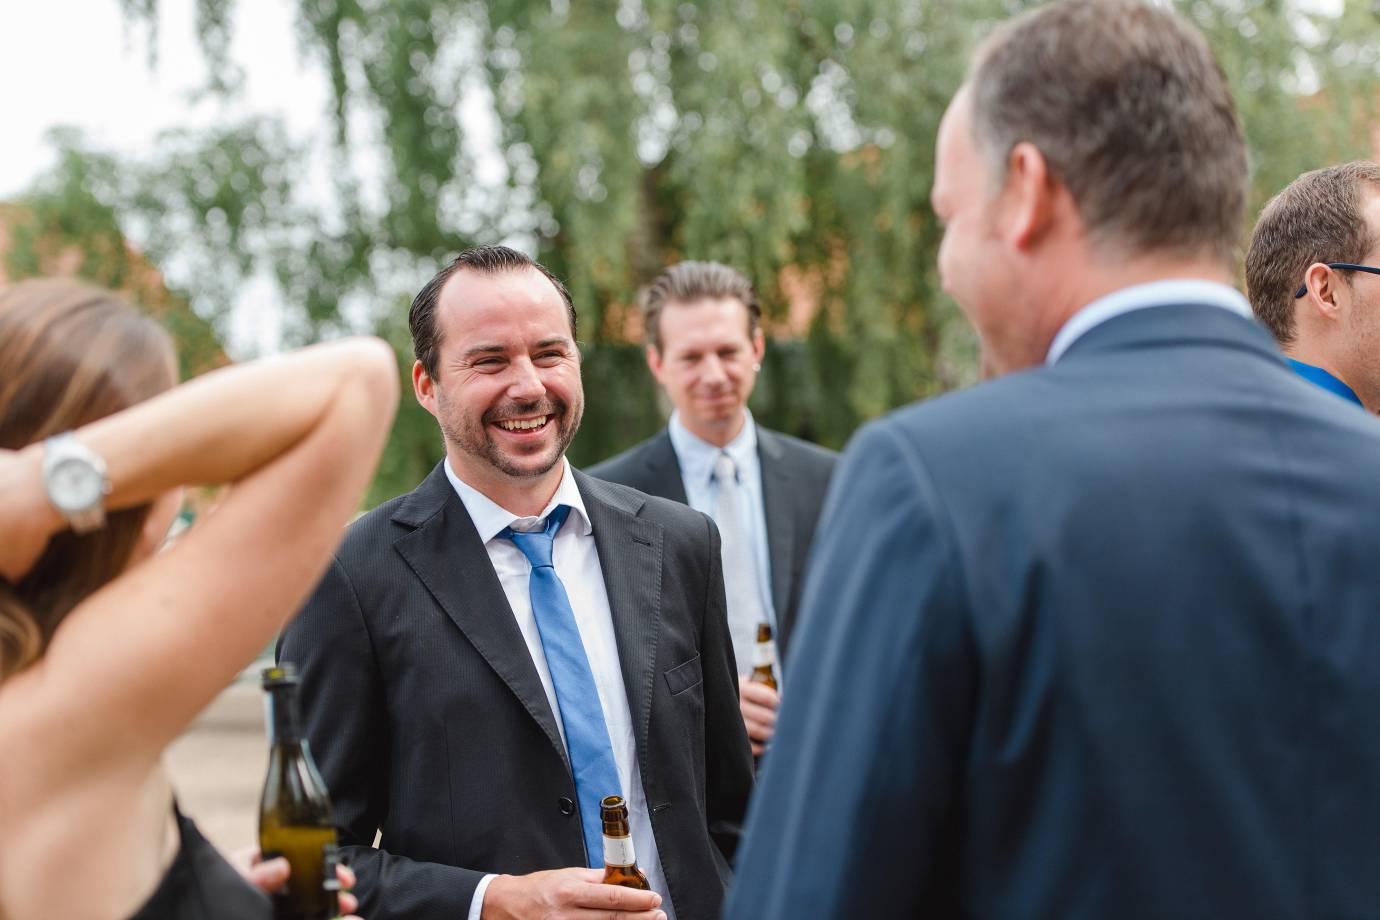 hochzeitsfotograf thedinghausen 101 - Nadine+Michael